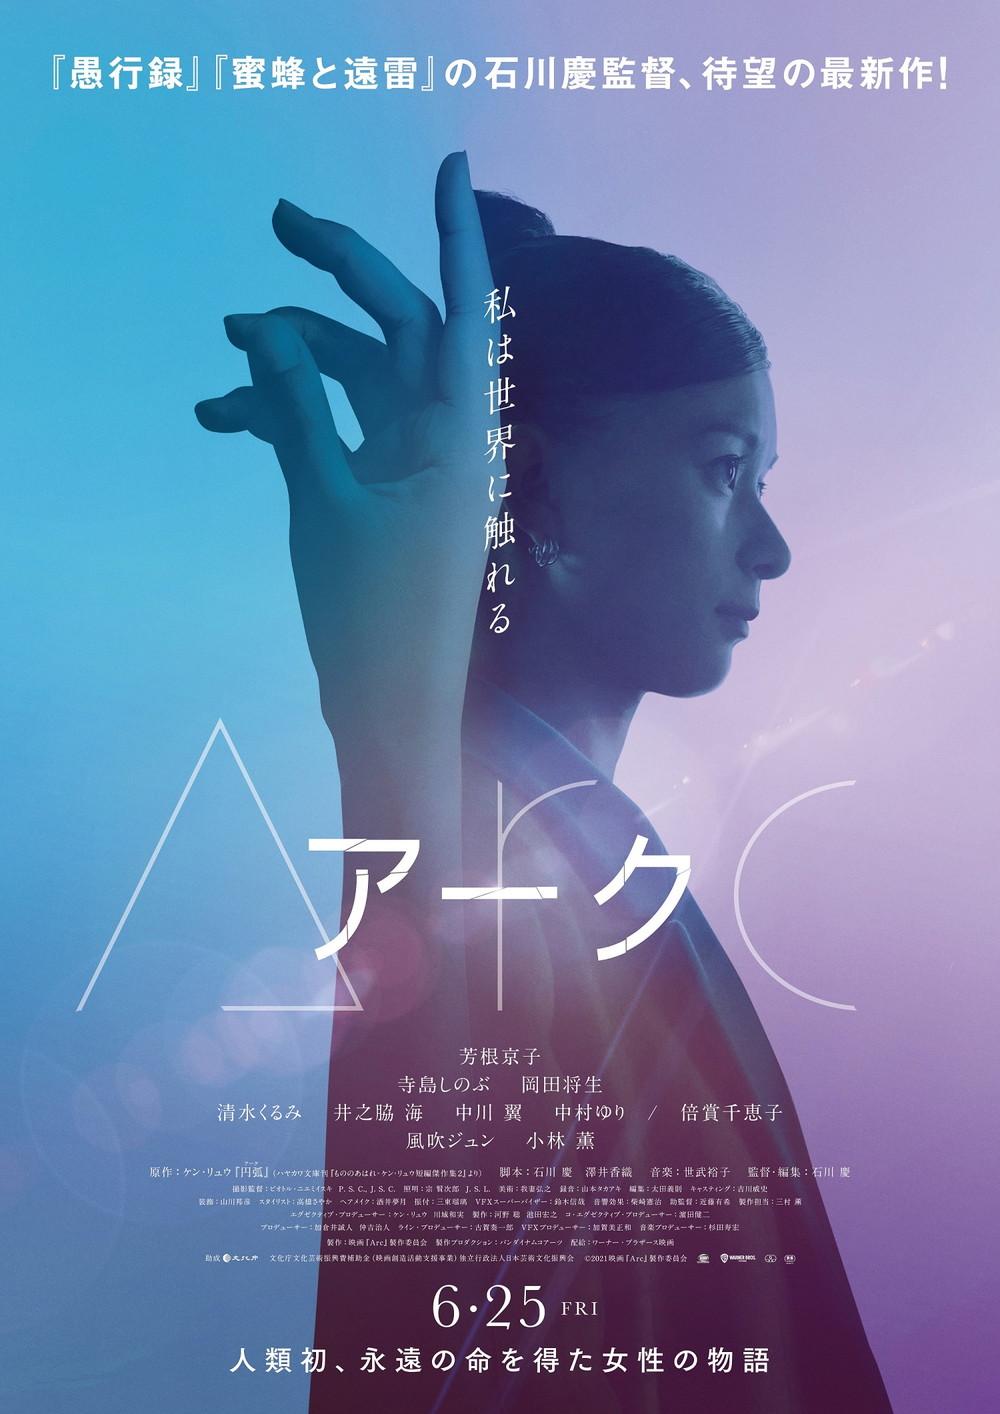 『Arc』ティザービジュアル